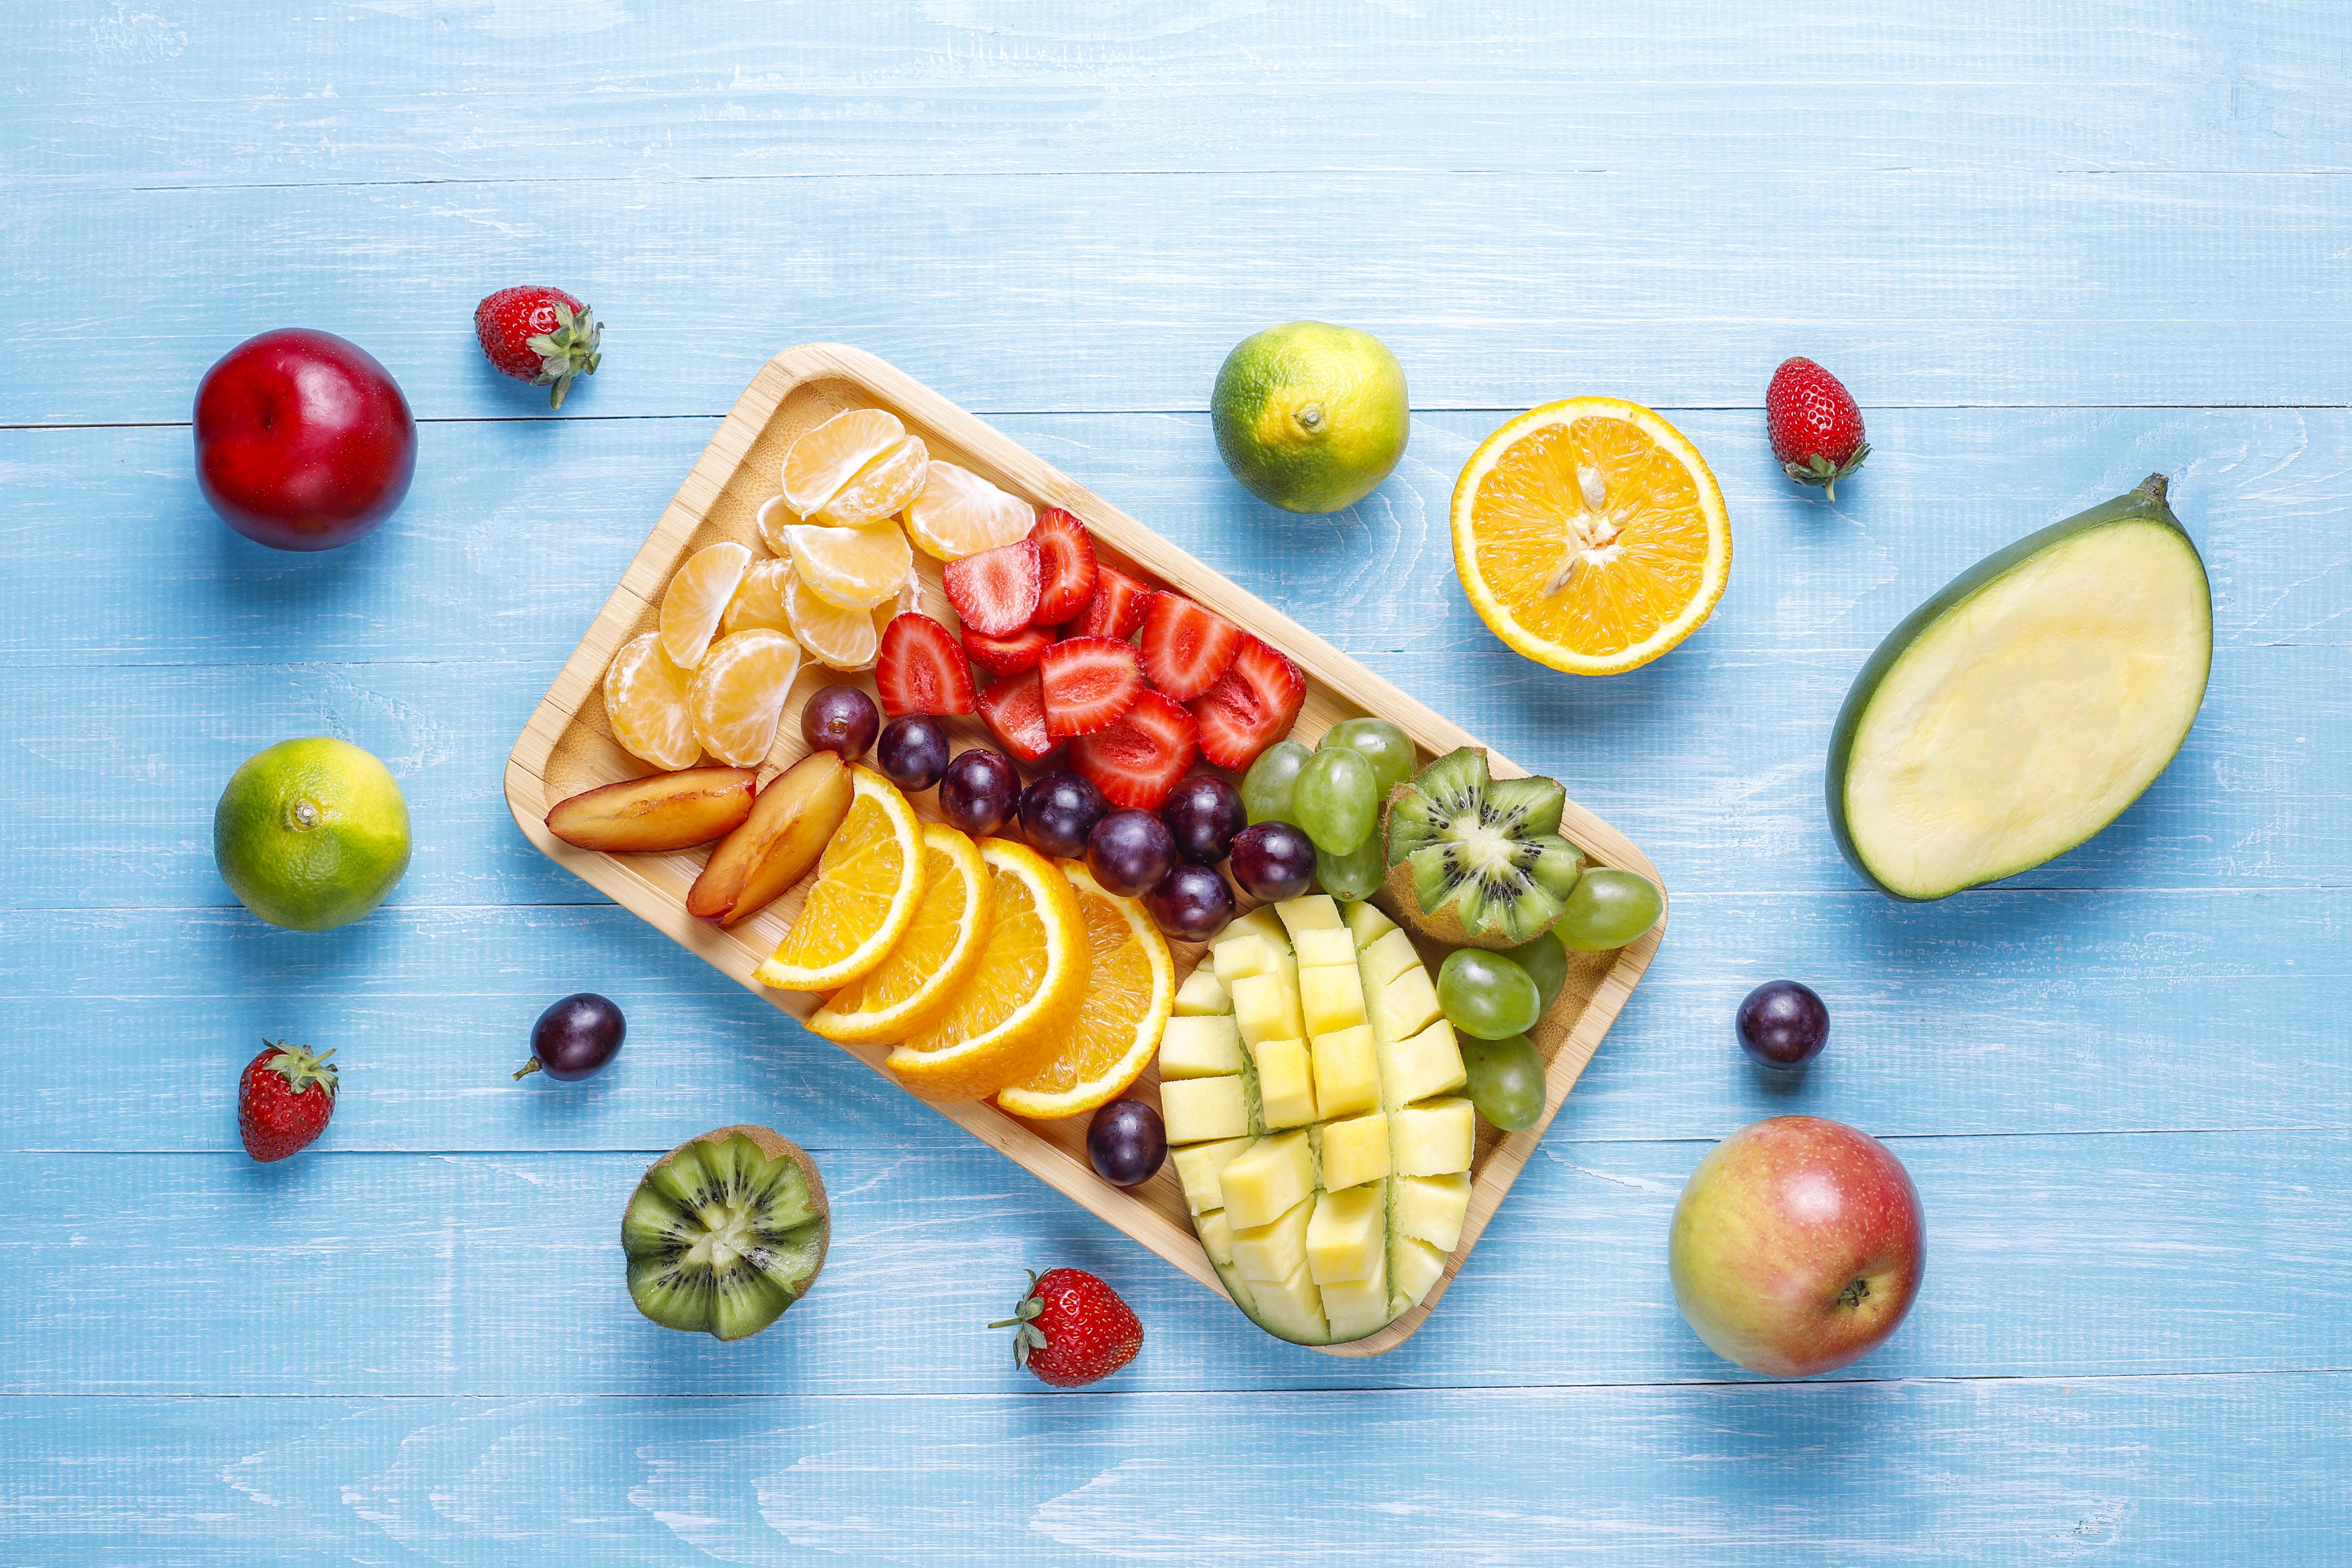 fruits-berries-platter-vegan-cuisine